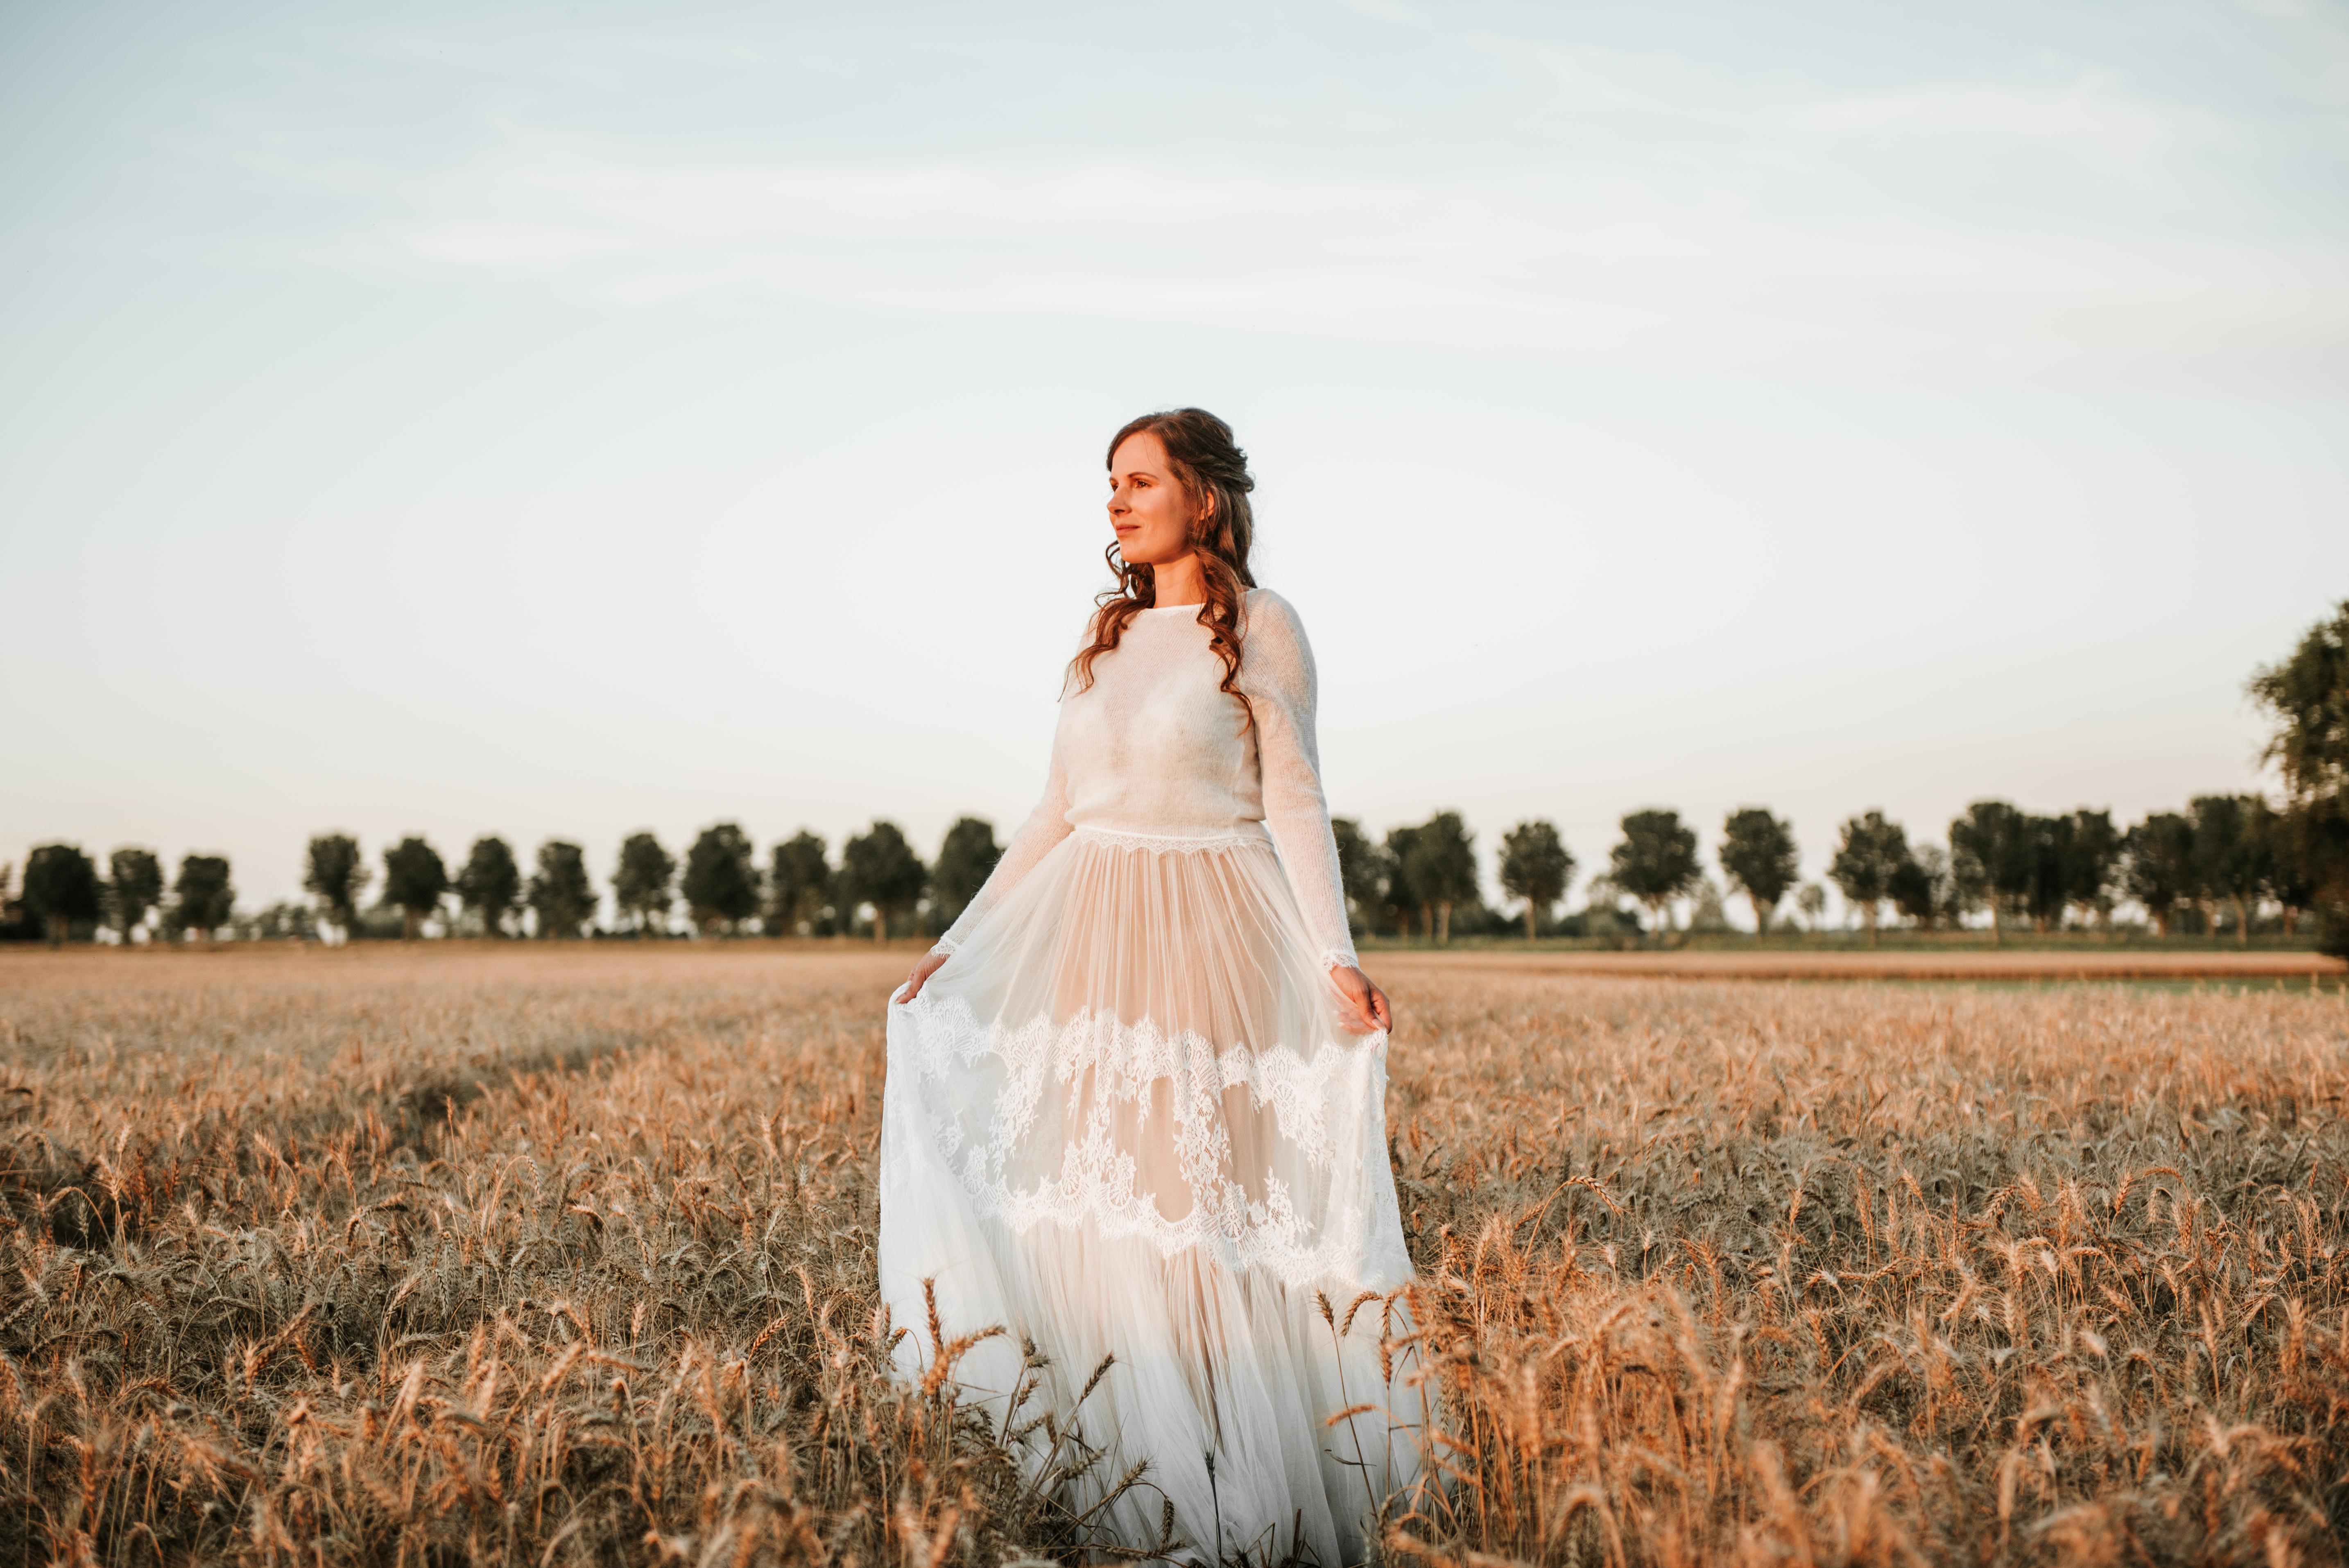 trouwen met een budget - jisca fotografie